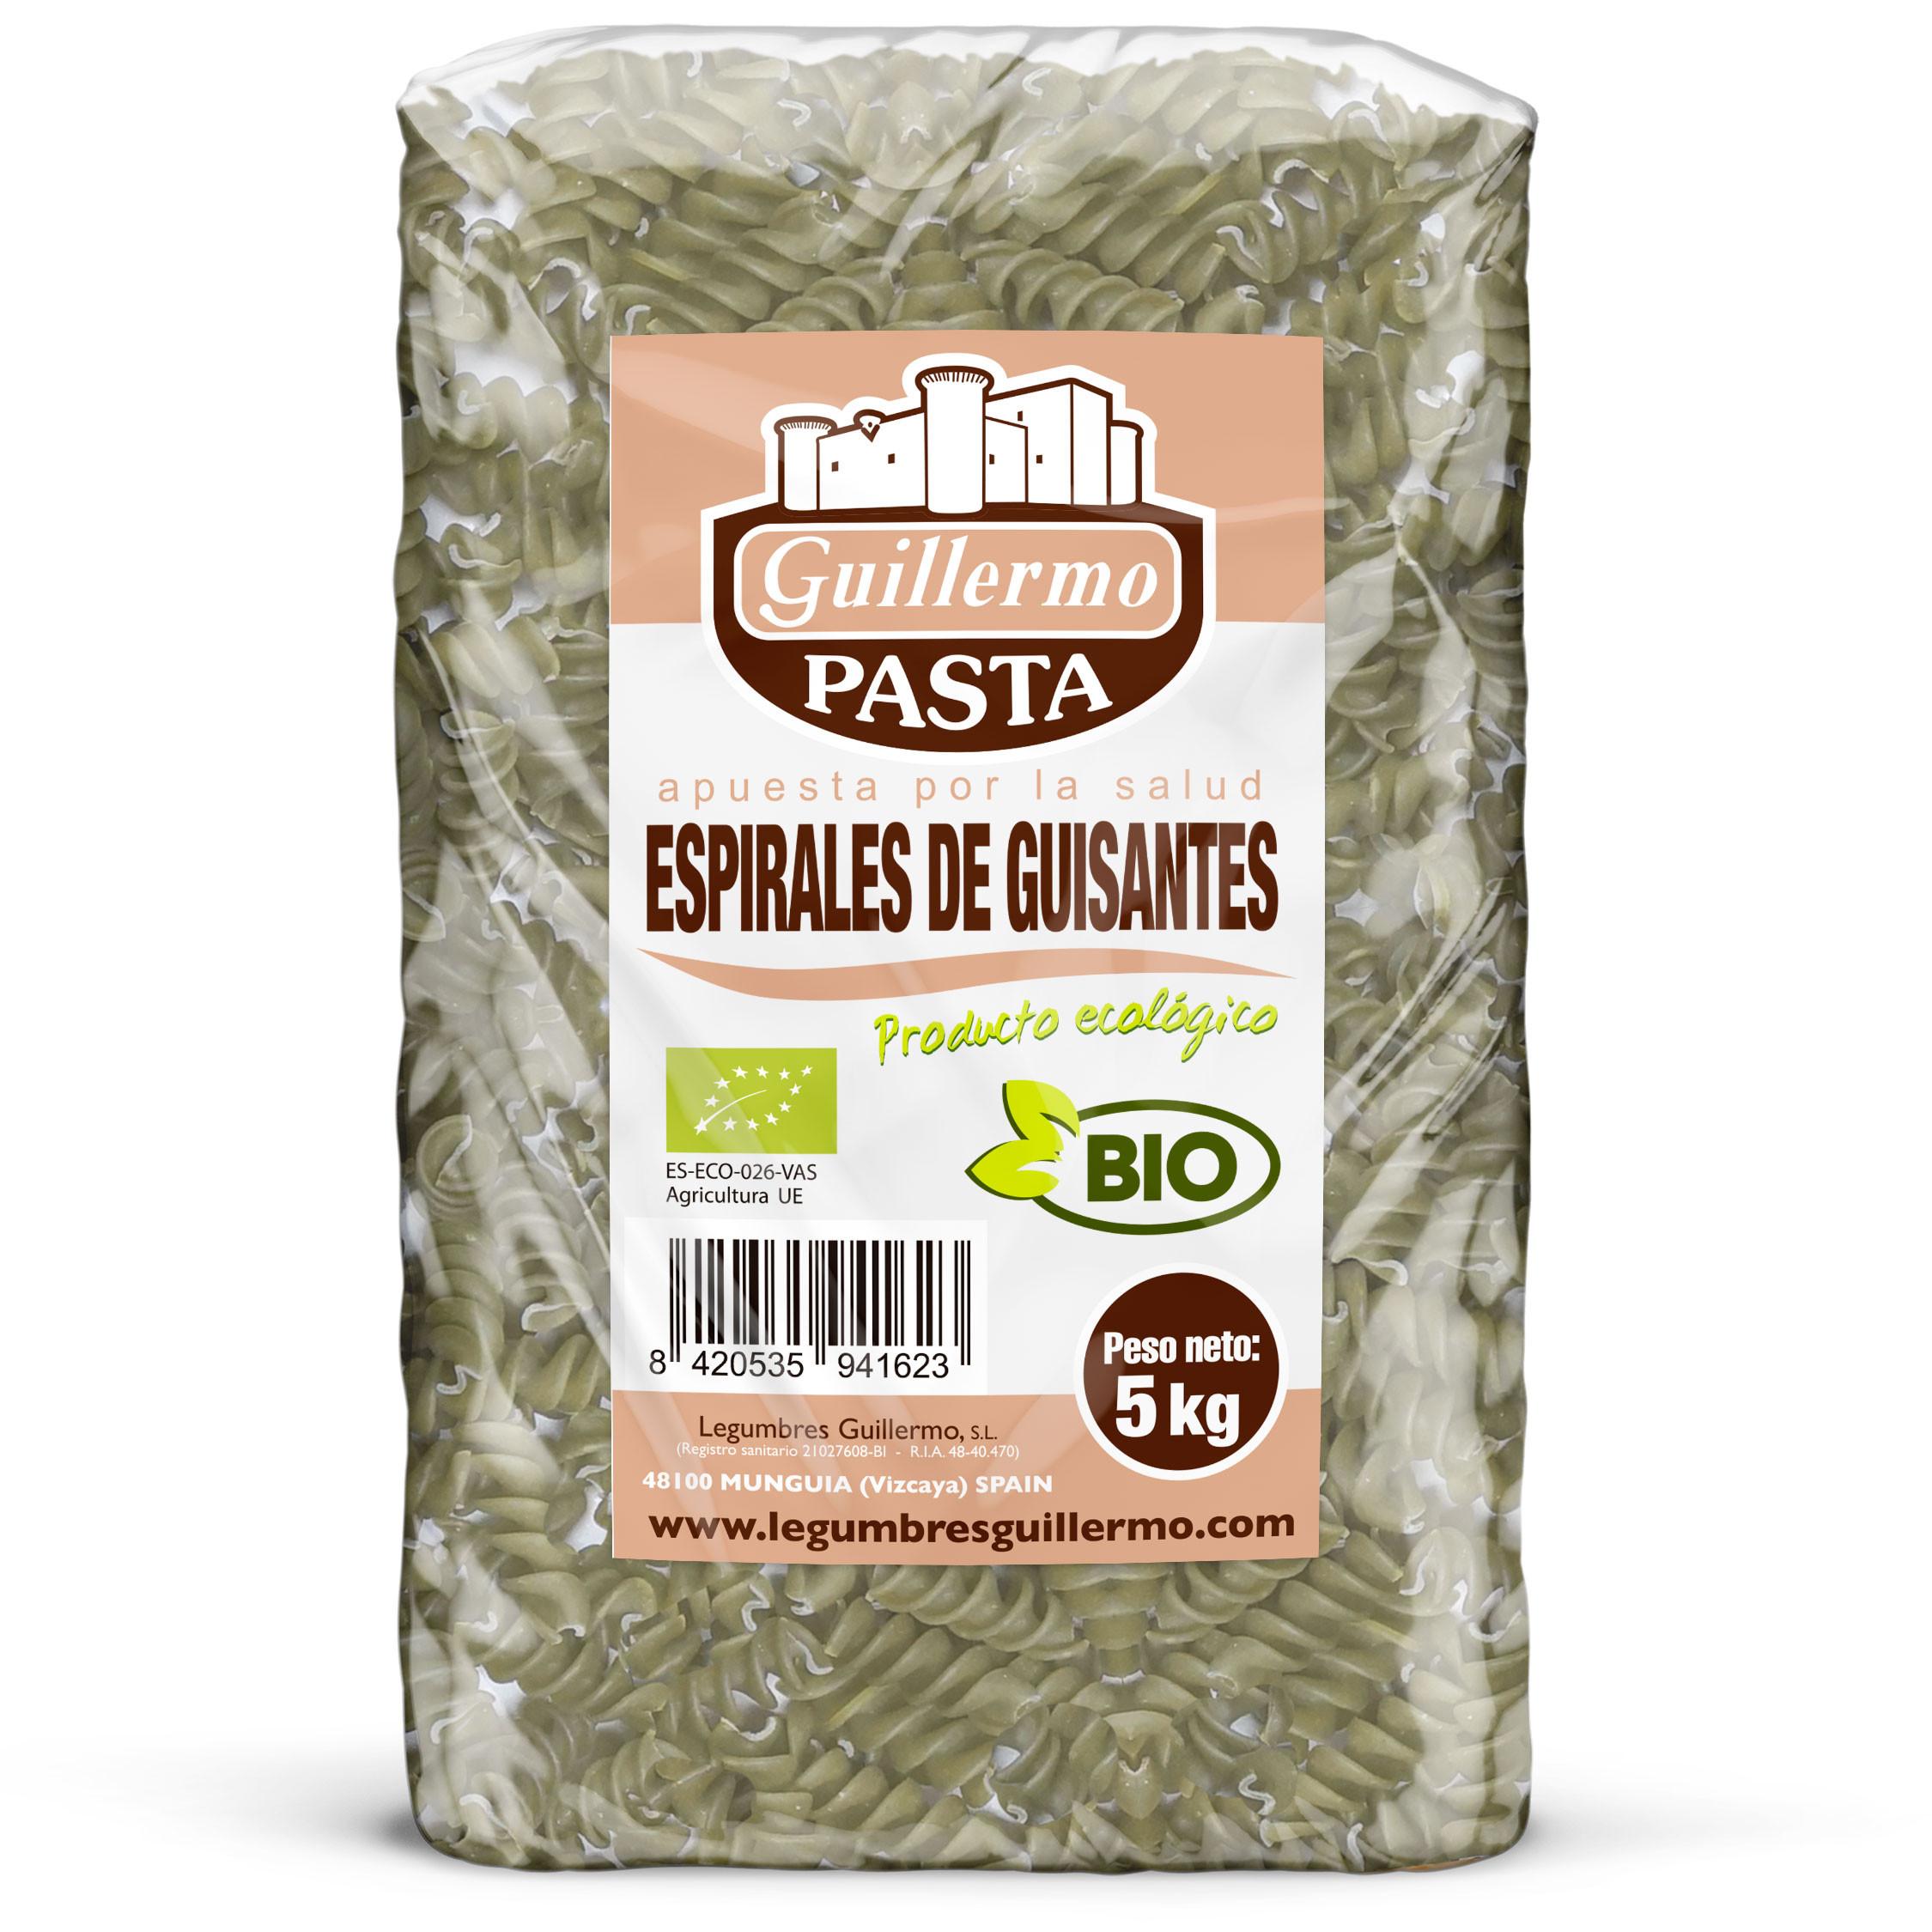 Guillermo Horeca Espirales de Guisantes Ecológicos BIO Granel 5kg